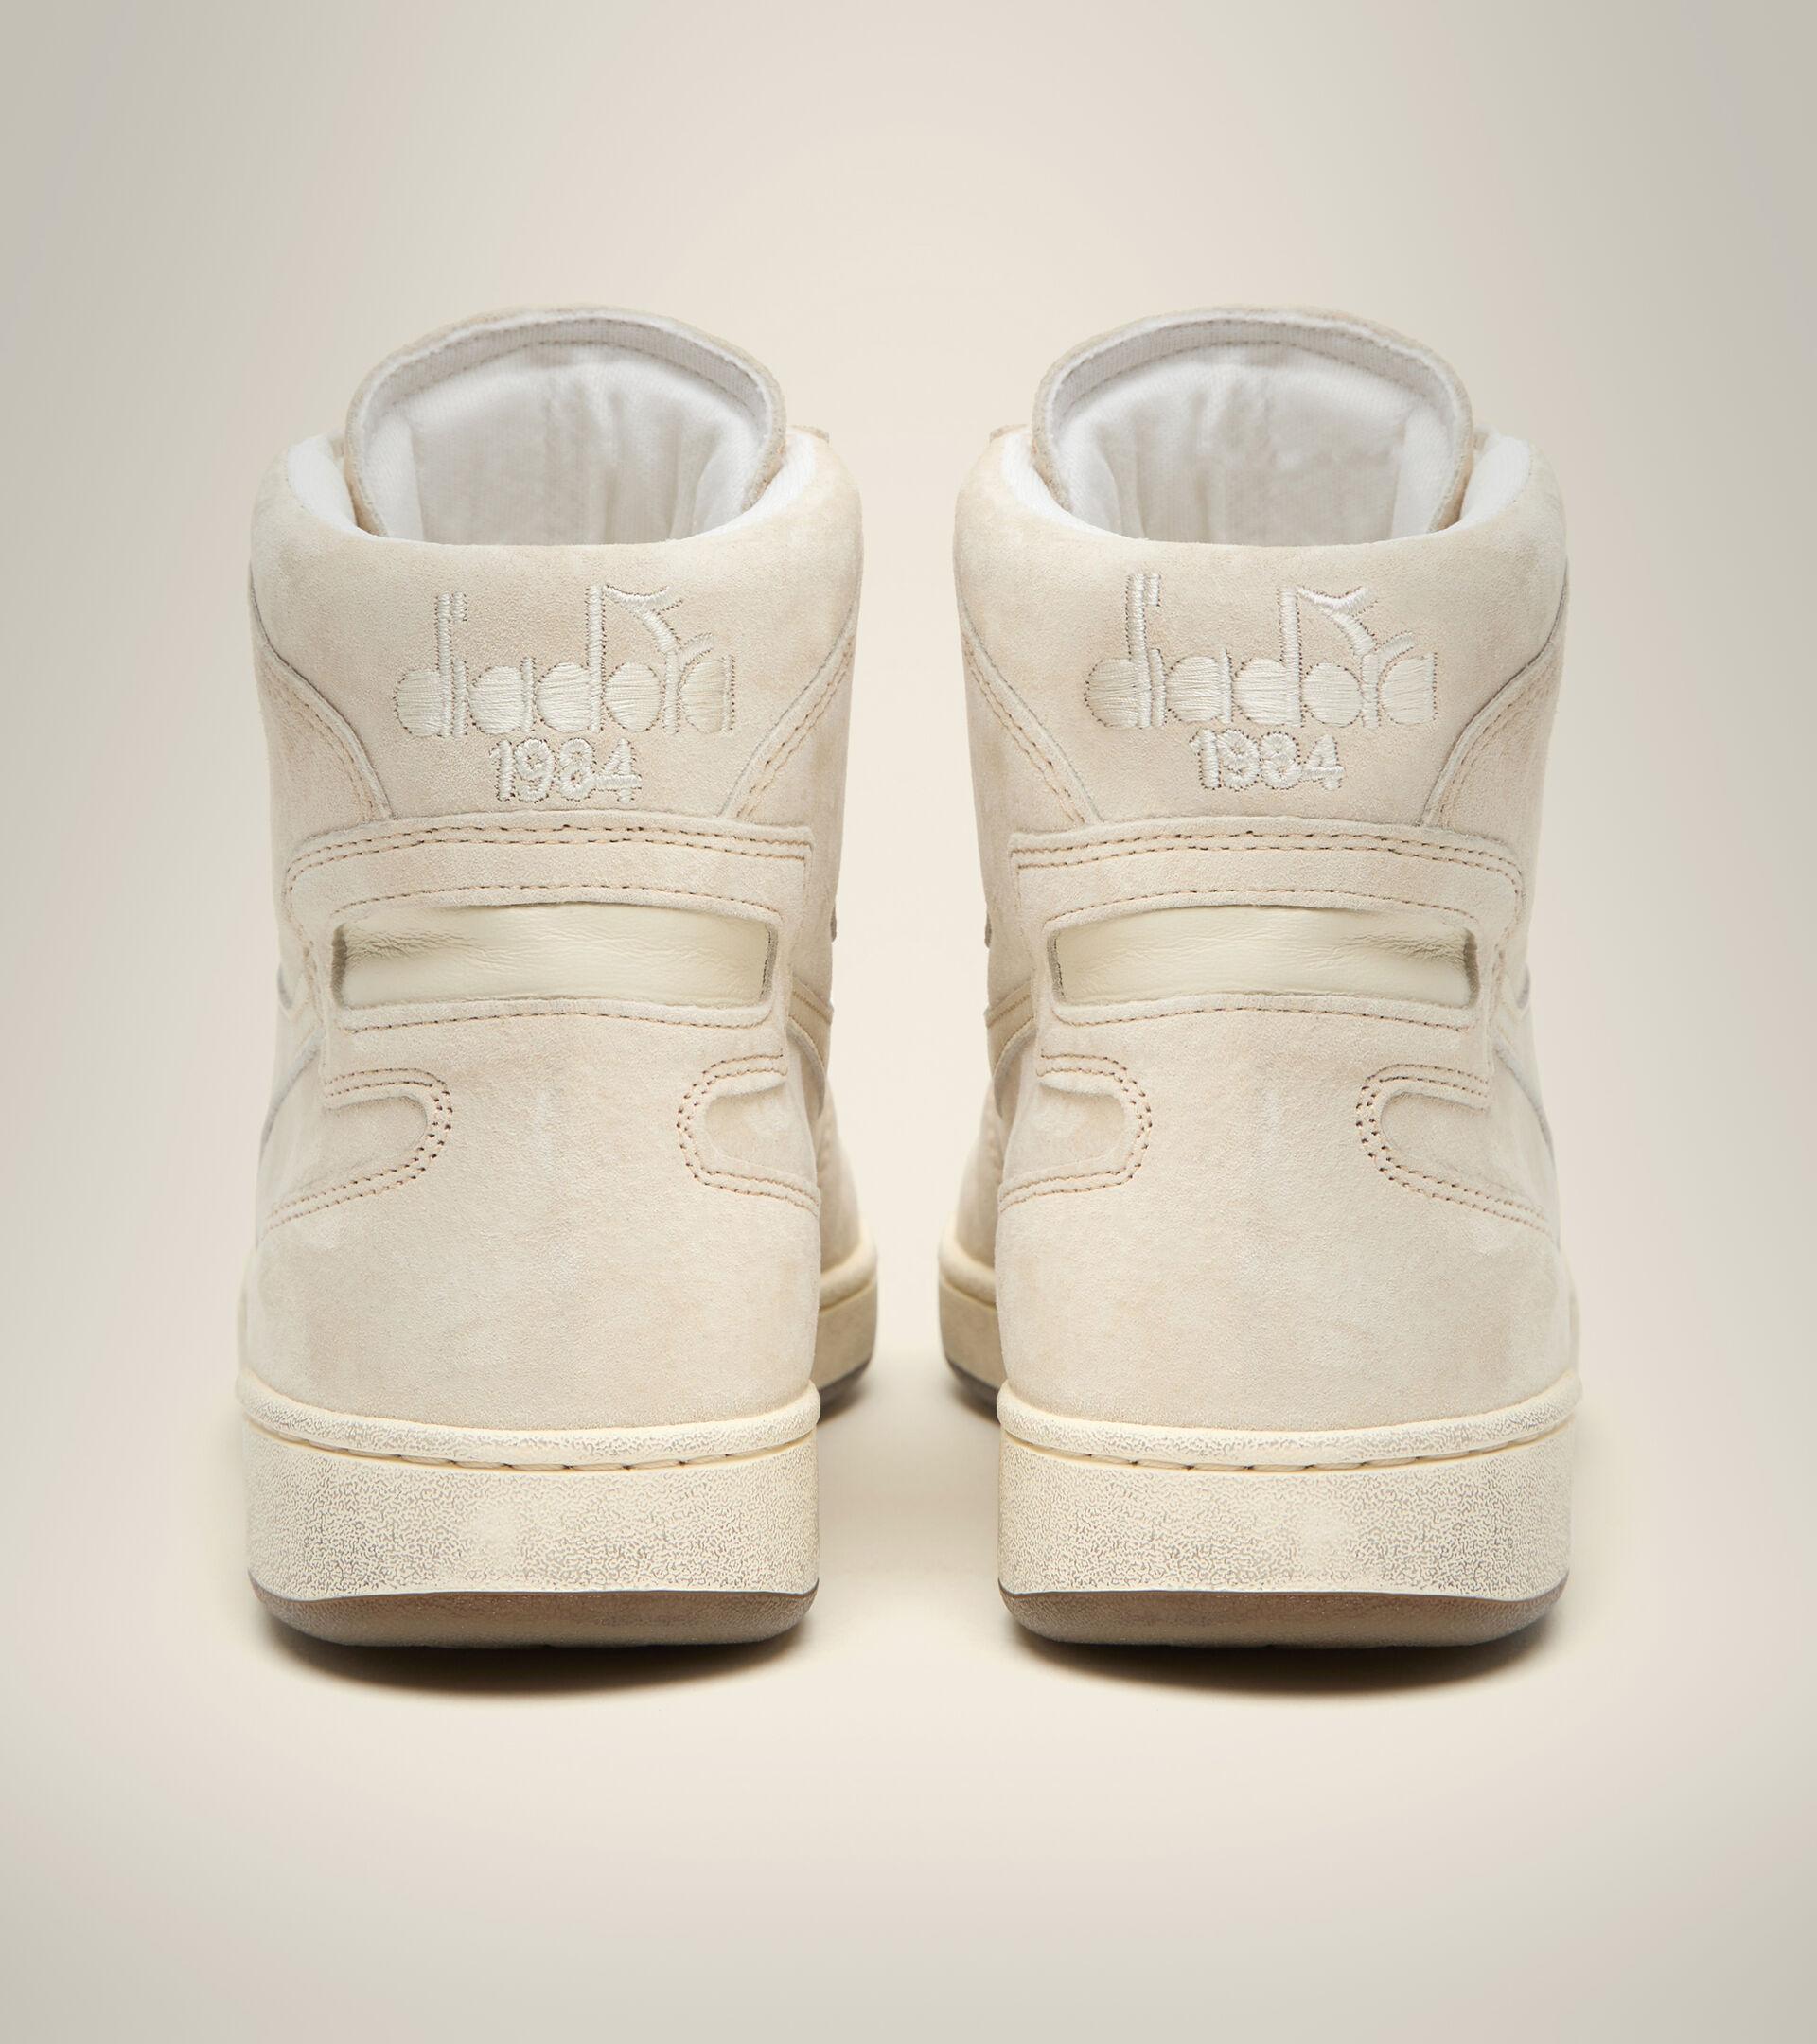 Footwear Heritage UNISEX MI BASKET SUEDE USED NIEBLA Diadora